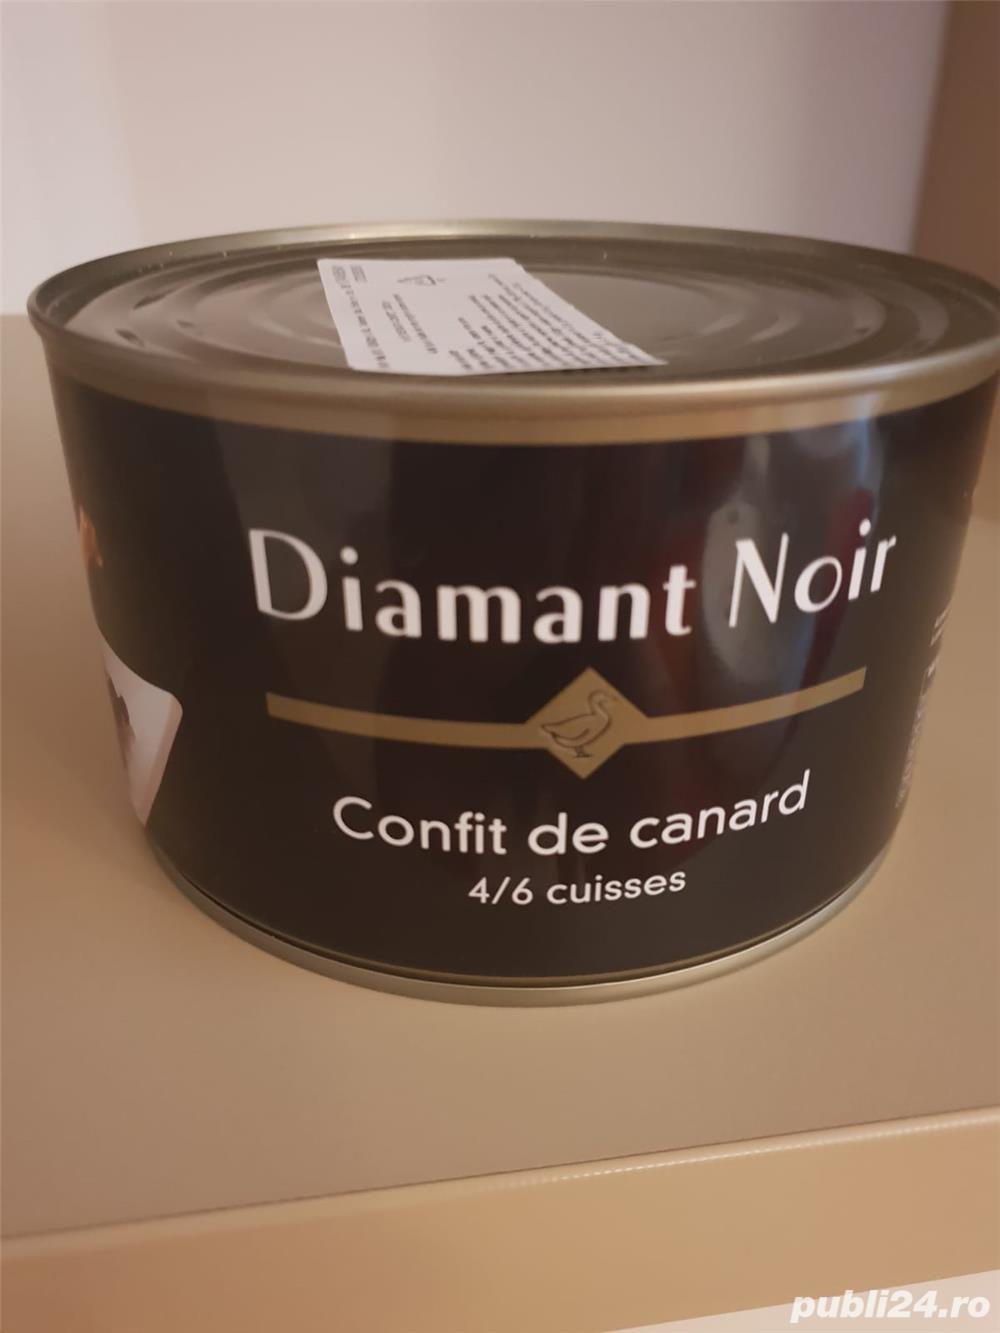 Pulpe rață confiate Diamant Noir si Palmilord de foarte bună calitate